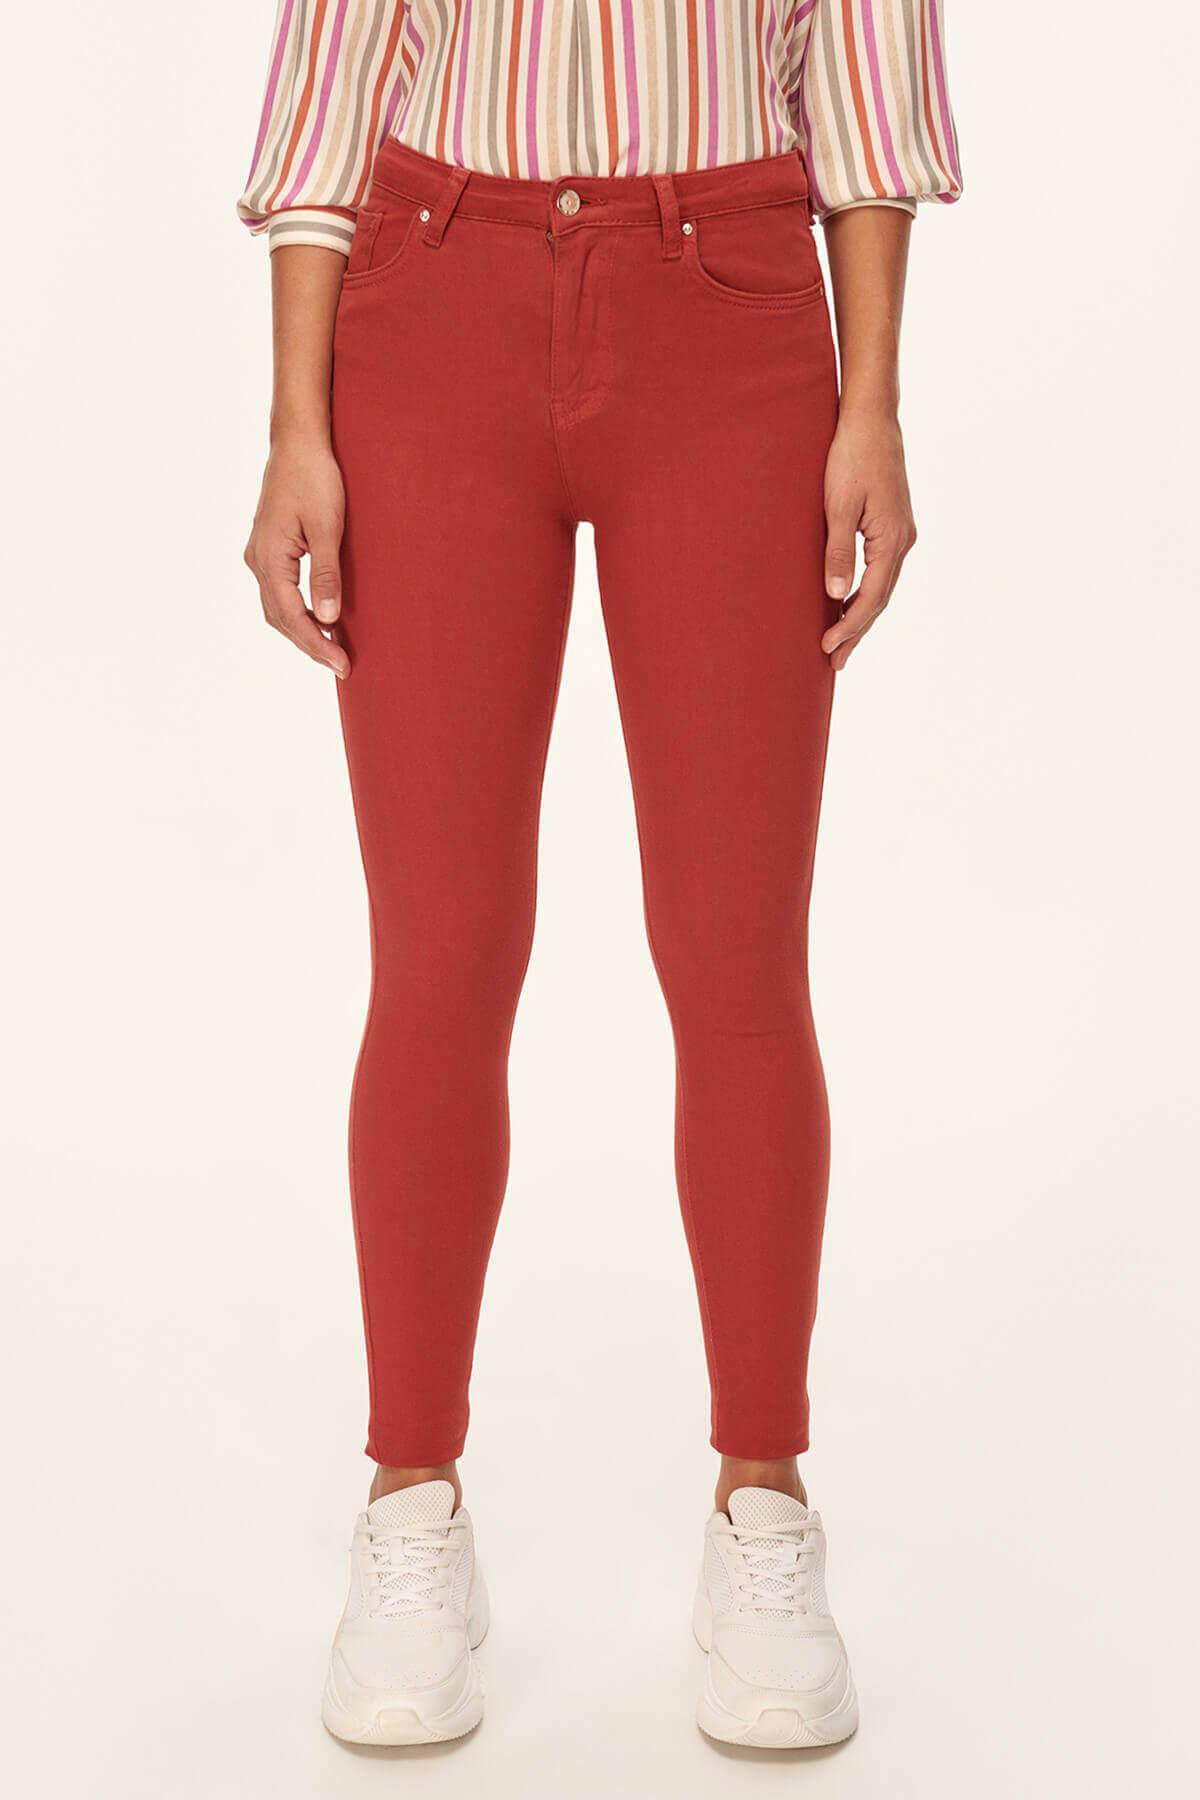 Trendyol Khoja High Waist Skinny Jeans